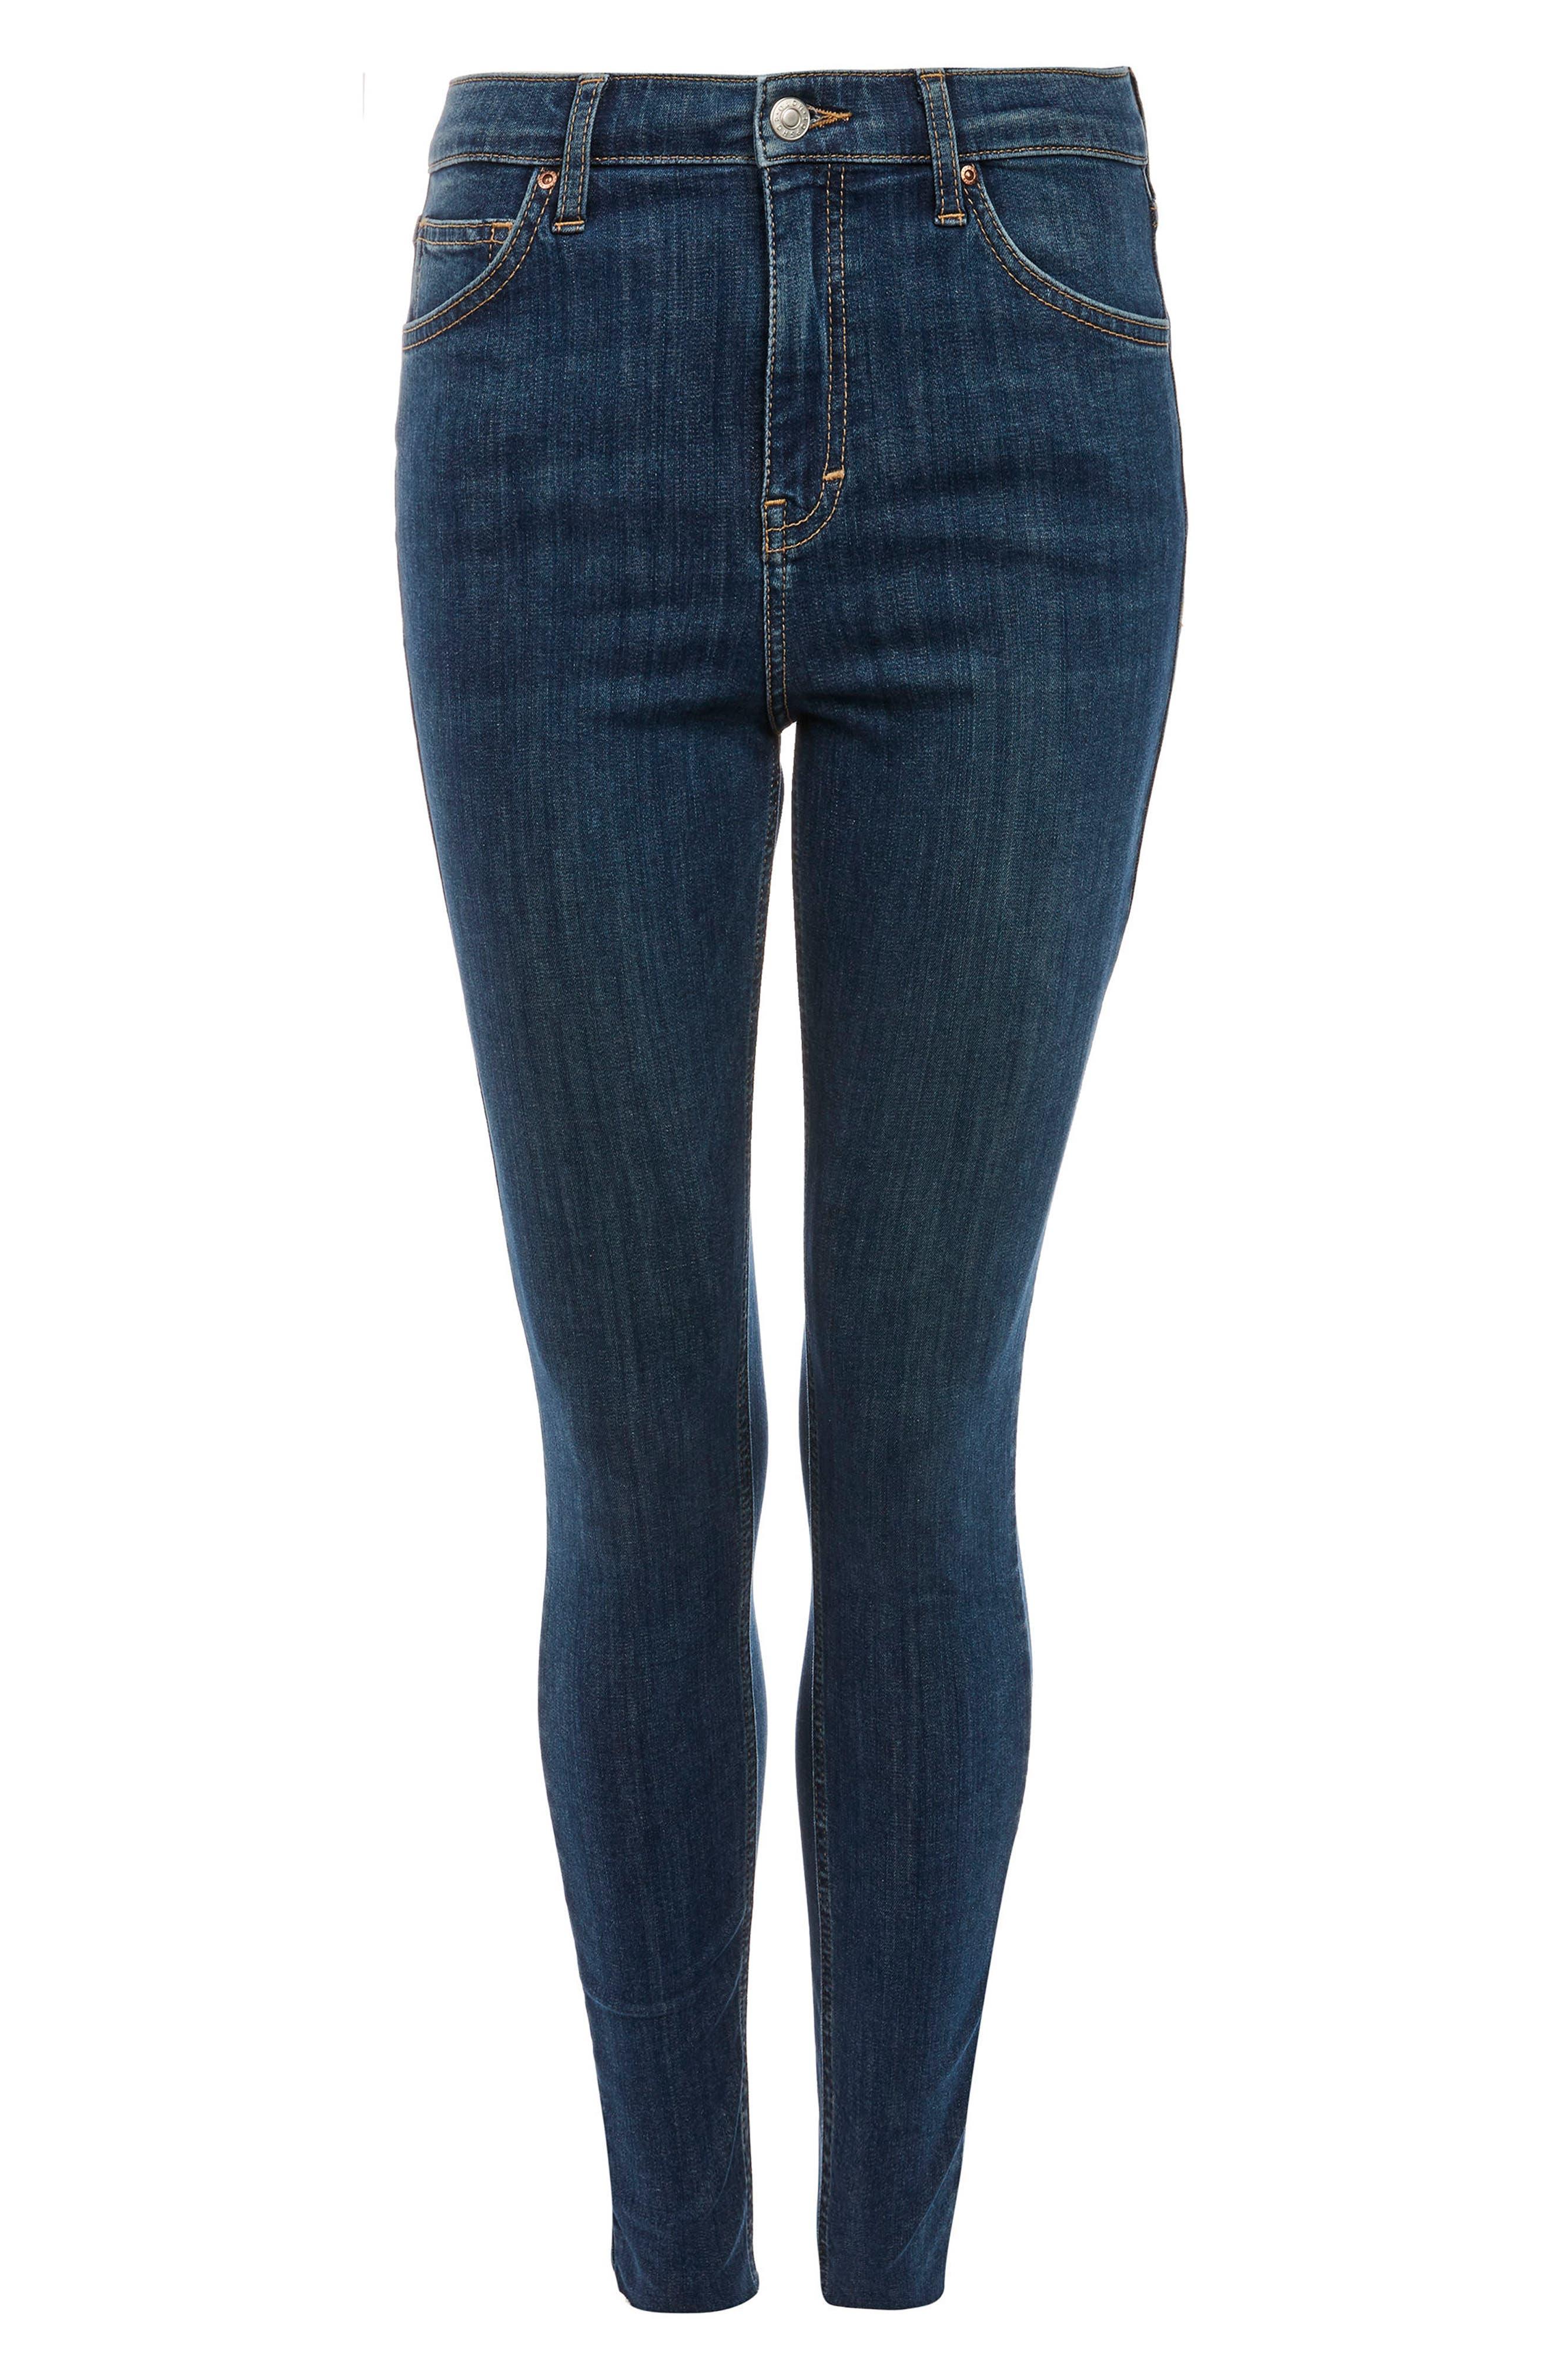 Topshop Jamie Released Hem Ankle Skinny Jeans